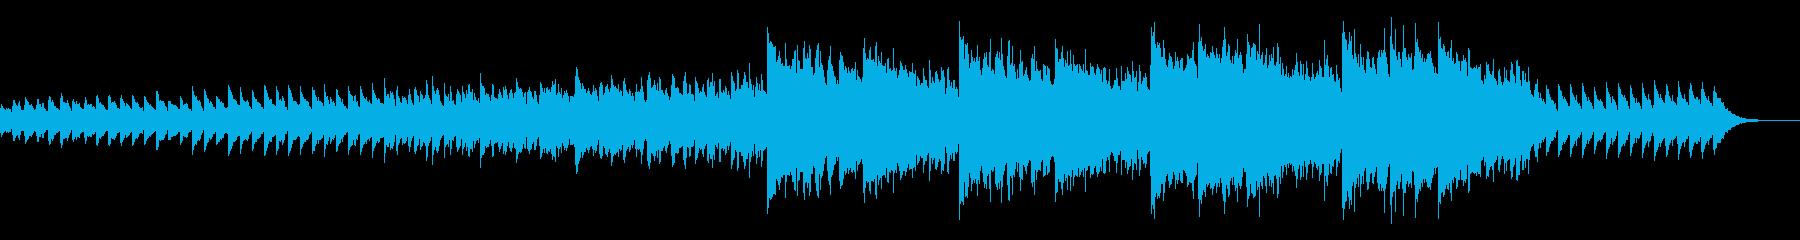 ちょっぴりシリアスなピアノインストの再生済みの波形